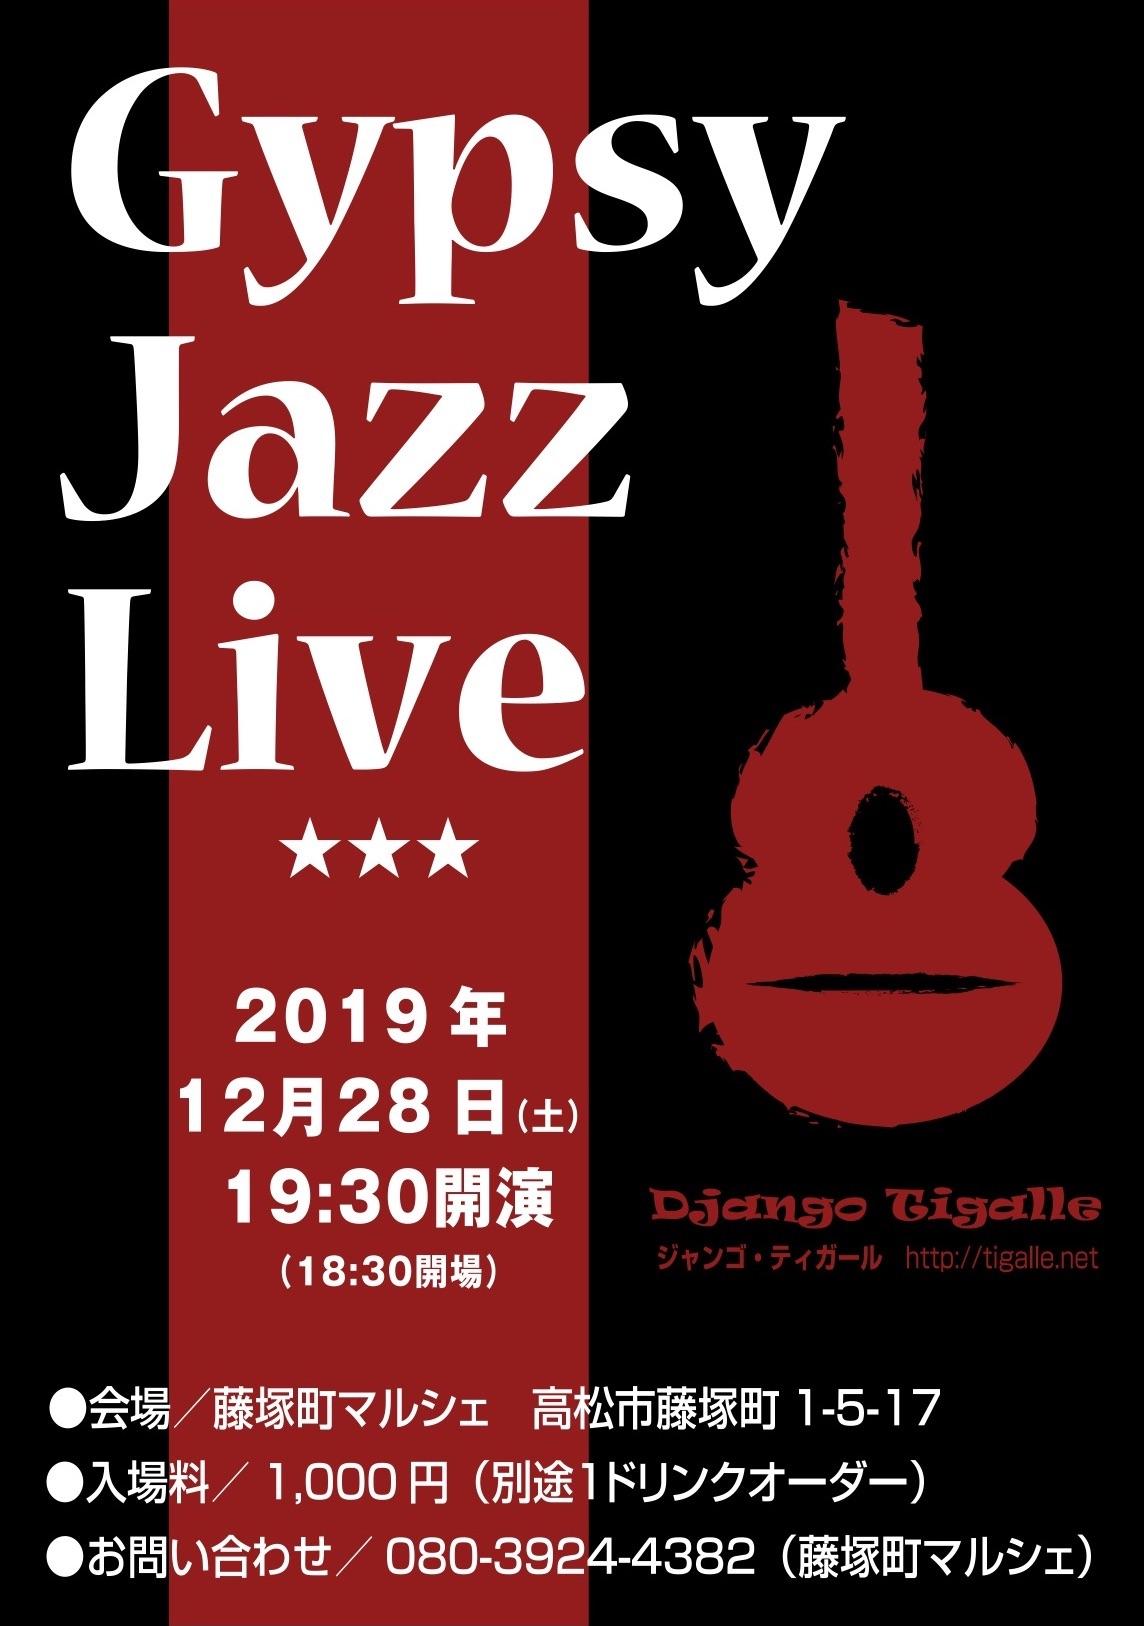 Gypsy jazz live